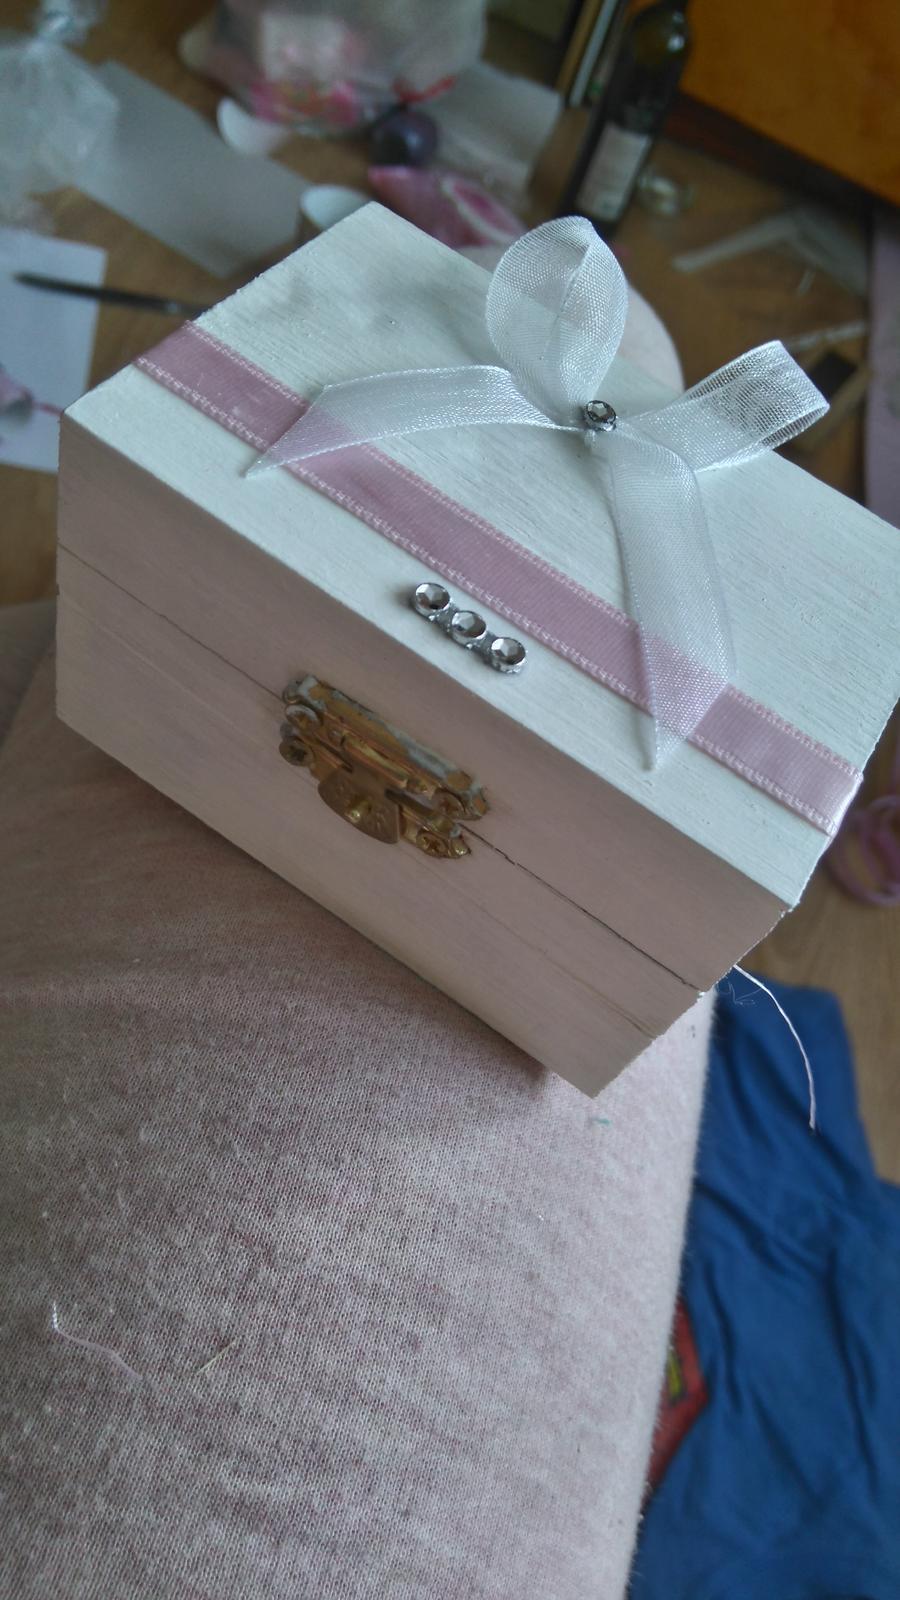 Bude svadba, svadbička :) - konečne som sa aj ku krabičke dostala a dokončila...a skúšam obrúčku a mne je strašne veľká..takže ešte pôjdem rýchlo dávať zmenšovať